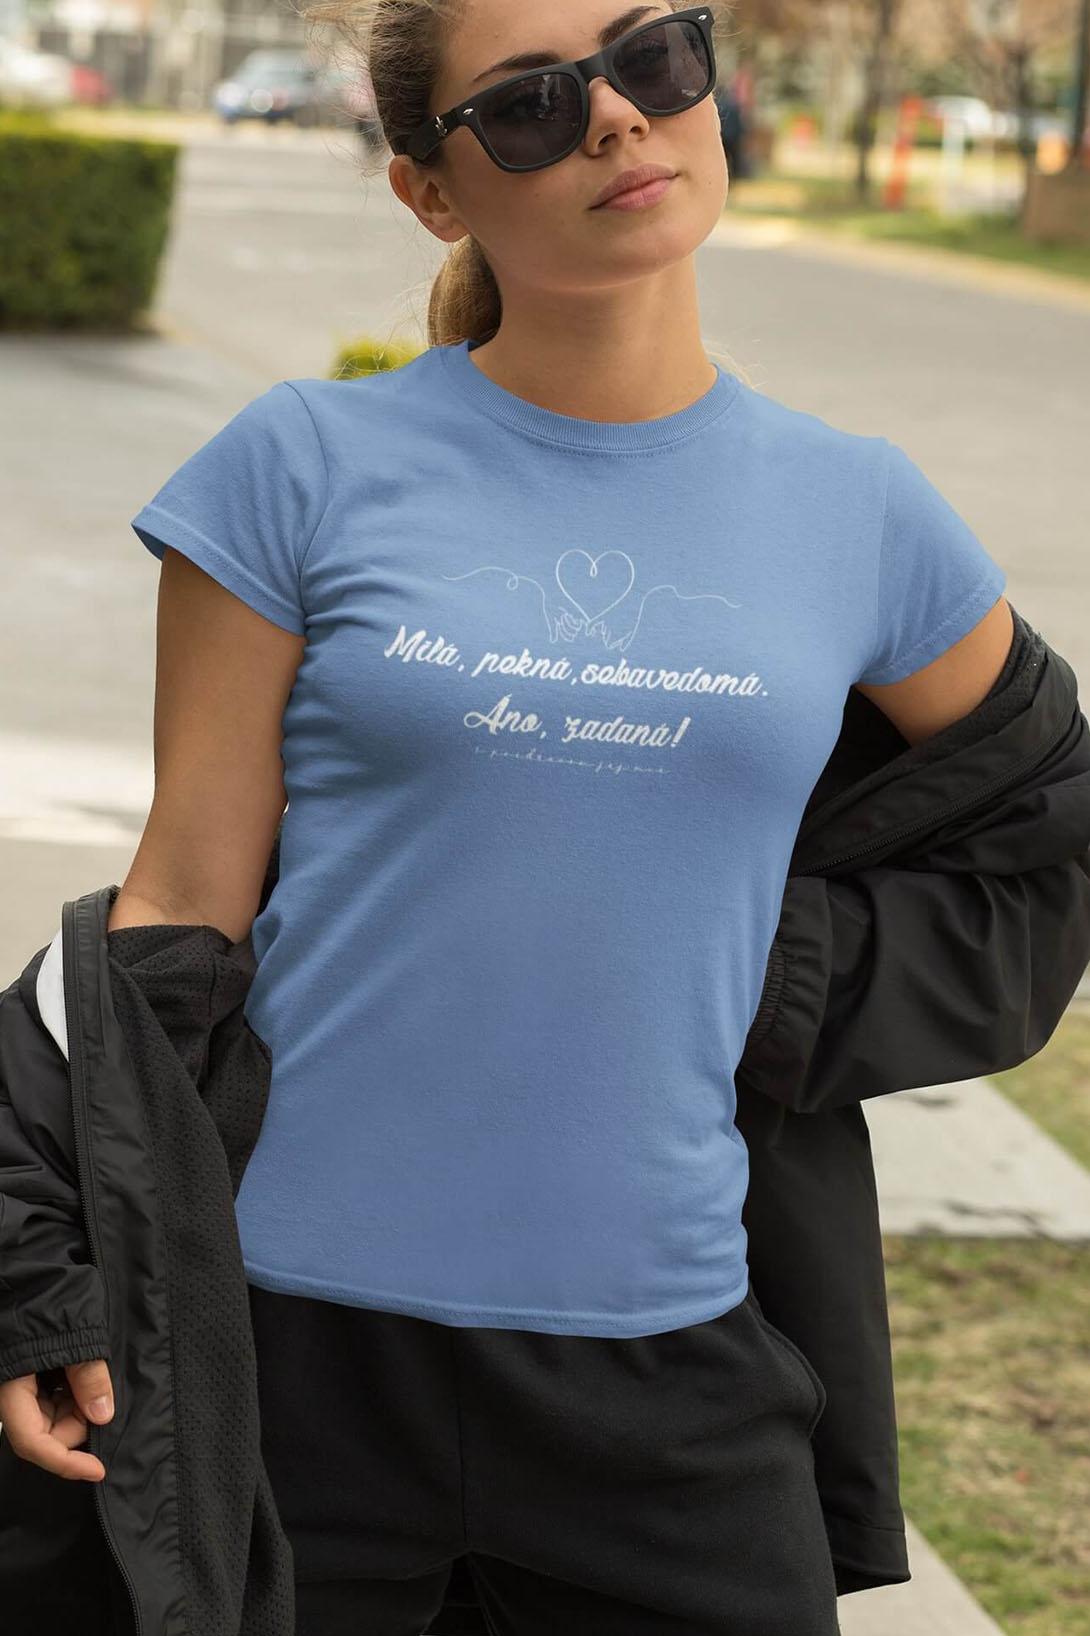 MMO Dámske tričko Milá, pekná, sebavedomá Vyberte farbu: Piesková, Vyberte veľkosť: M